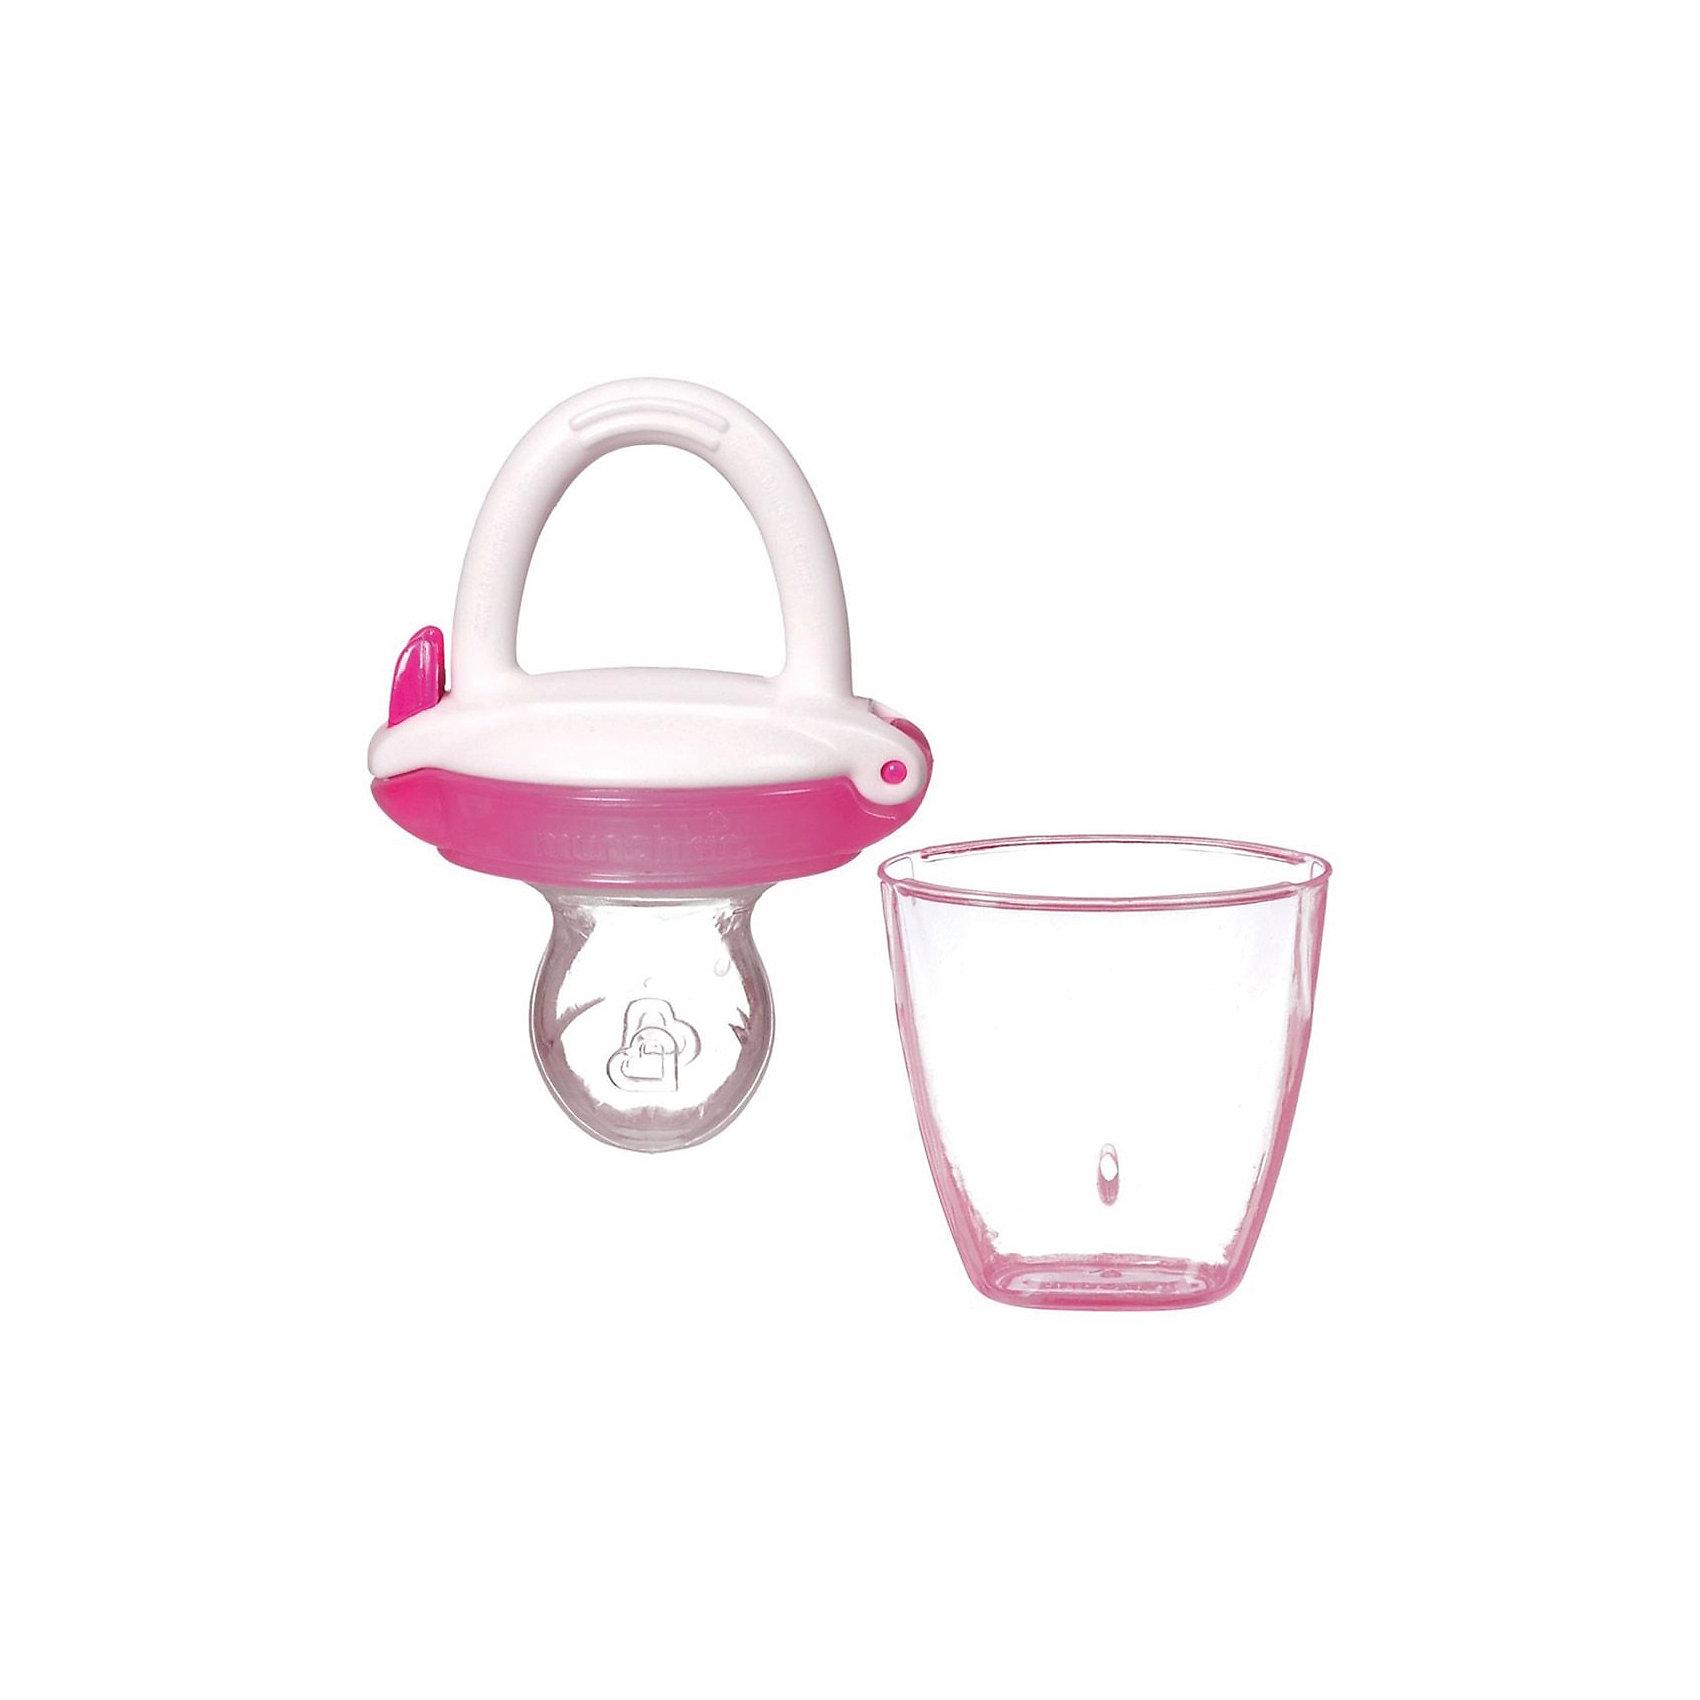 Ниблер для детского питания, Munchkin, розовыйПосуда для малышей<br>Ниблер для детского питания, Munchkin, красный<br><br>Характеристики:<br><br>• Цвет: красный<br>• Материал: пластик, силикон<br>• Не содержит бисфенол А<br>• От 4 месяцев<br><br>Красивый и полностью безопасный ниблер сделан из качественных материалов, которые не содержат вредных веществ. Отлично подходят для введения прикорма: кусочков фруктов, овощей, печенья и даже мяса. Силиконовая часть, в которую помещены кусочки фруктов и овощей, пропускает еду в виде пюре. Это помогает на первоначальных этапах прикорма. Кроме этого ниблер может послужить прорезывателем для зубов. Удобная ручка не выскальзывает из маленьких рук ребенка и помогает ему самостоятельно учиться кушать. Есть крышечка в комплекте. Ниблер легко чистить.<br><br>Ниблер для детского питания, Munchkin, красный можно купить в нашем интернет-магазине.<br><br>Ширина мм: 50<br>Глубина мм: 200<br>Высота мм: 100<br>Вес г: 50<br>Возраст от месяцев: 4<br>Возраст до месяцев: 12<br>Пол: Унисекс<br>Возраст: Детский<br>SKU: 5101193